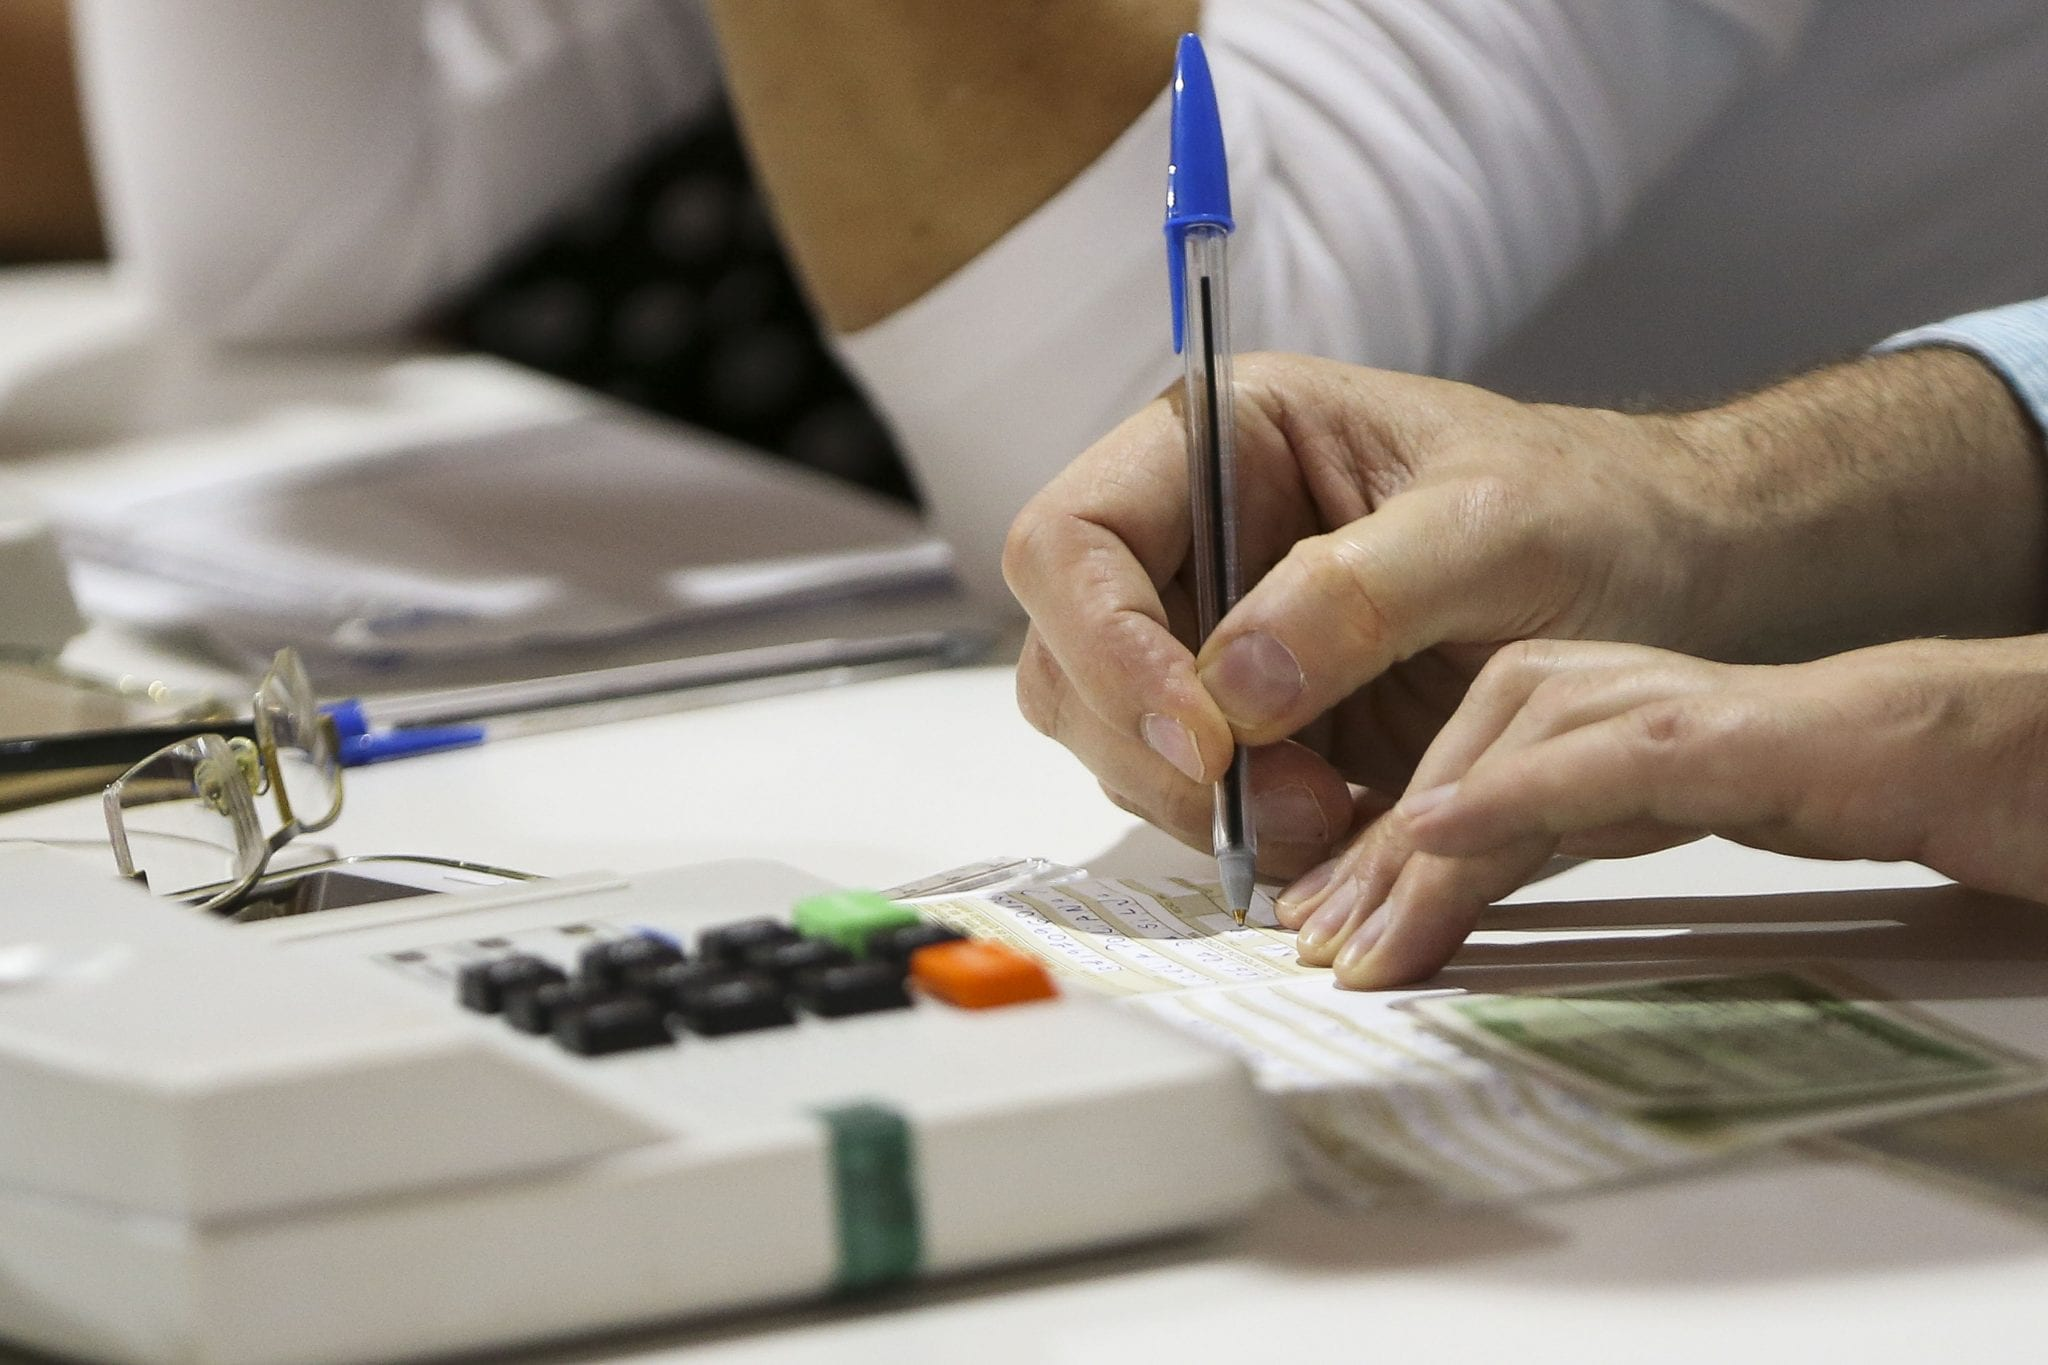 Quem não justificou ausência no 2º turno tem até 27 de dezembro para regularizar situação (Arquivo/Agência Brasil)